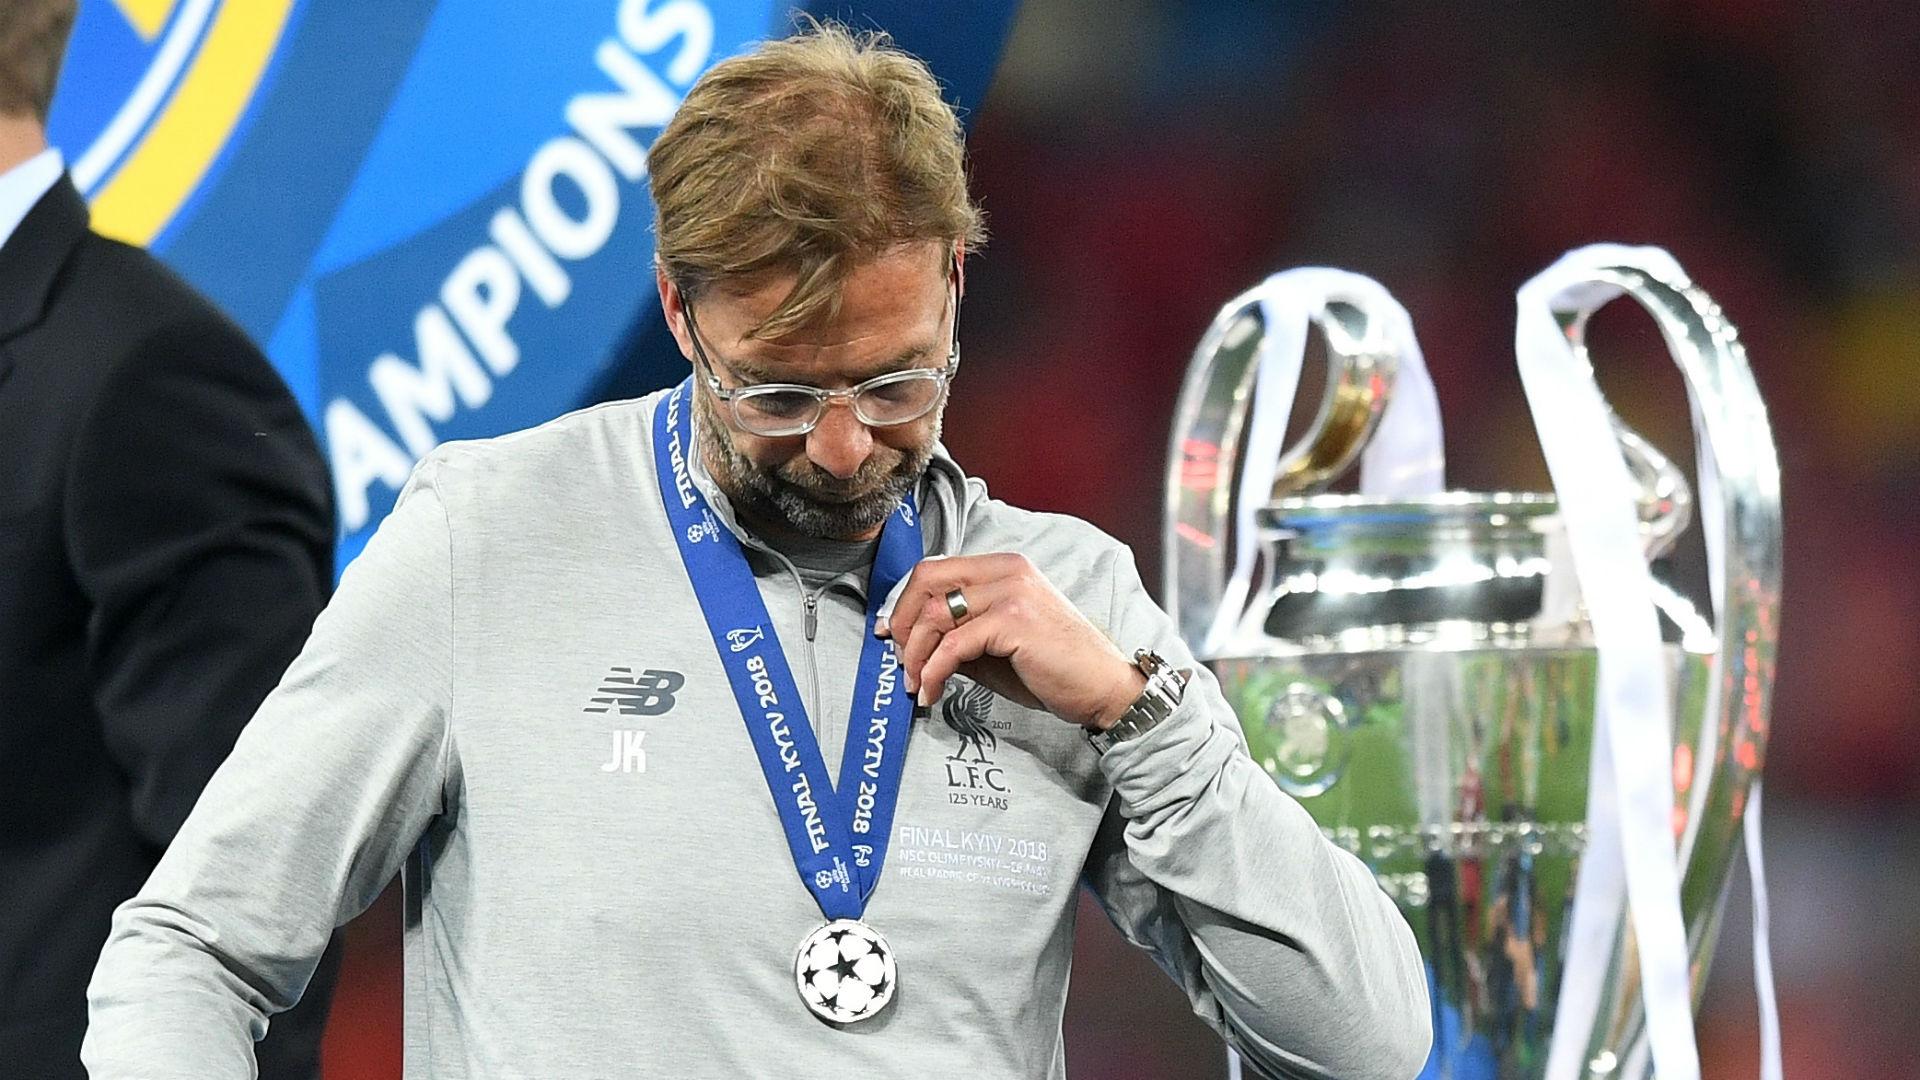 Champions League final: Liverpool boss Jurgen Klopp's final woes